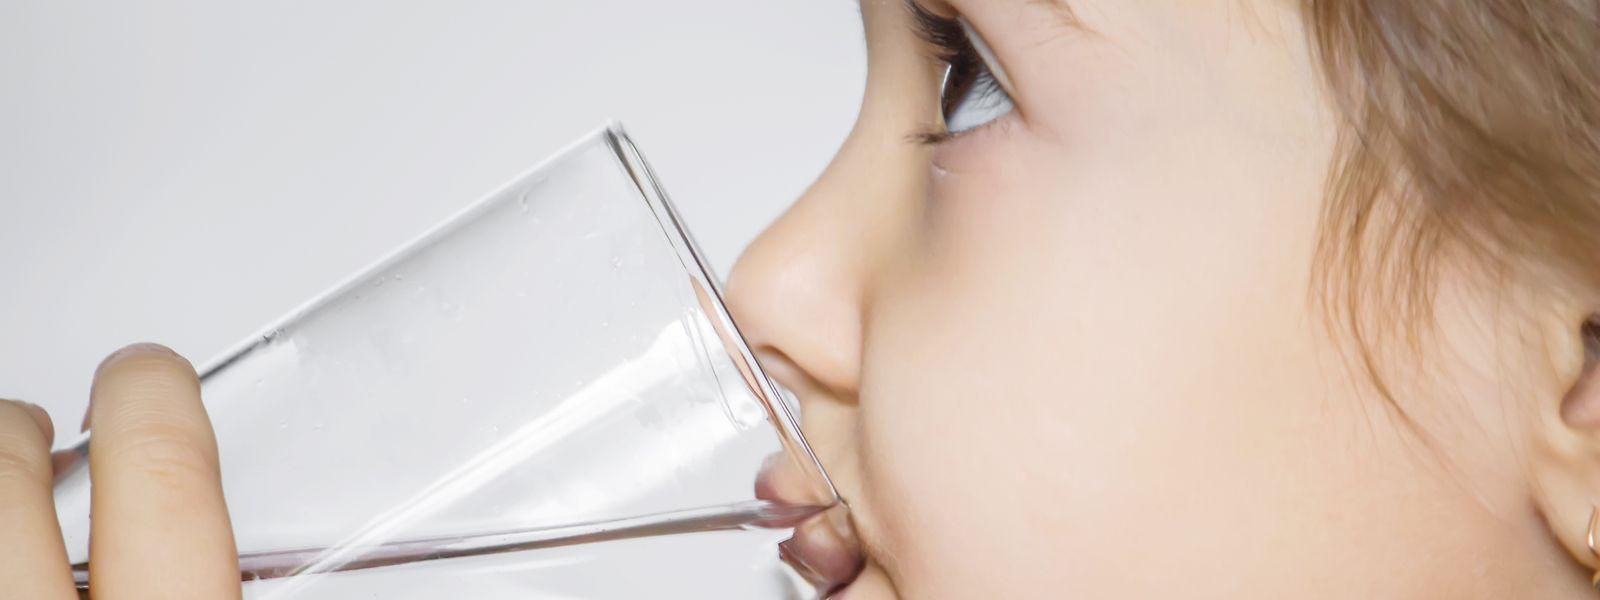 Leitungswasser ist günstiger und umweltfreundlicher als Flaschenwasser.